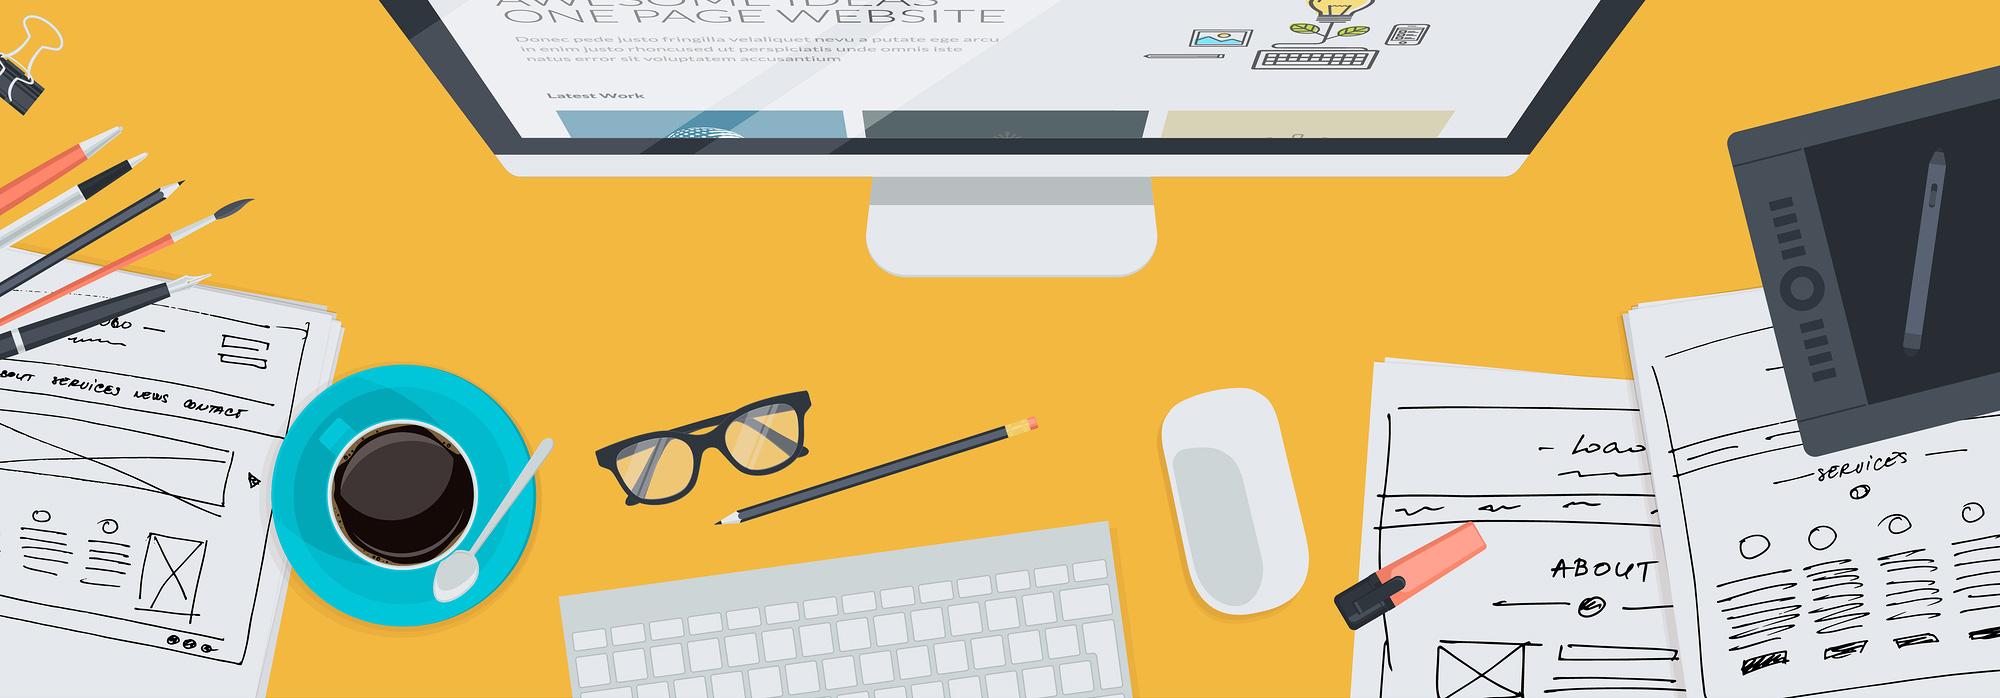 Illustration für den Arbeitsplatz eines Webdesigners